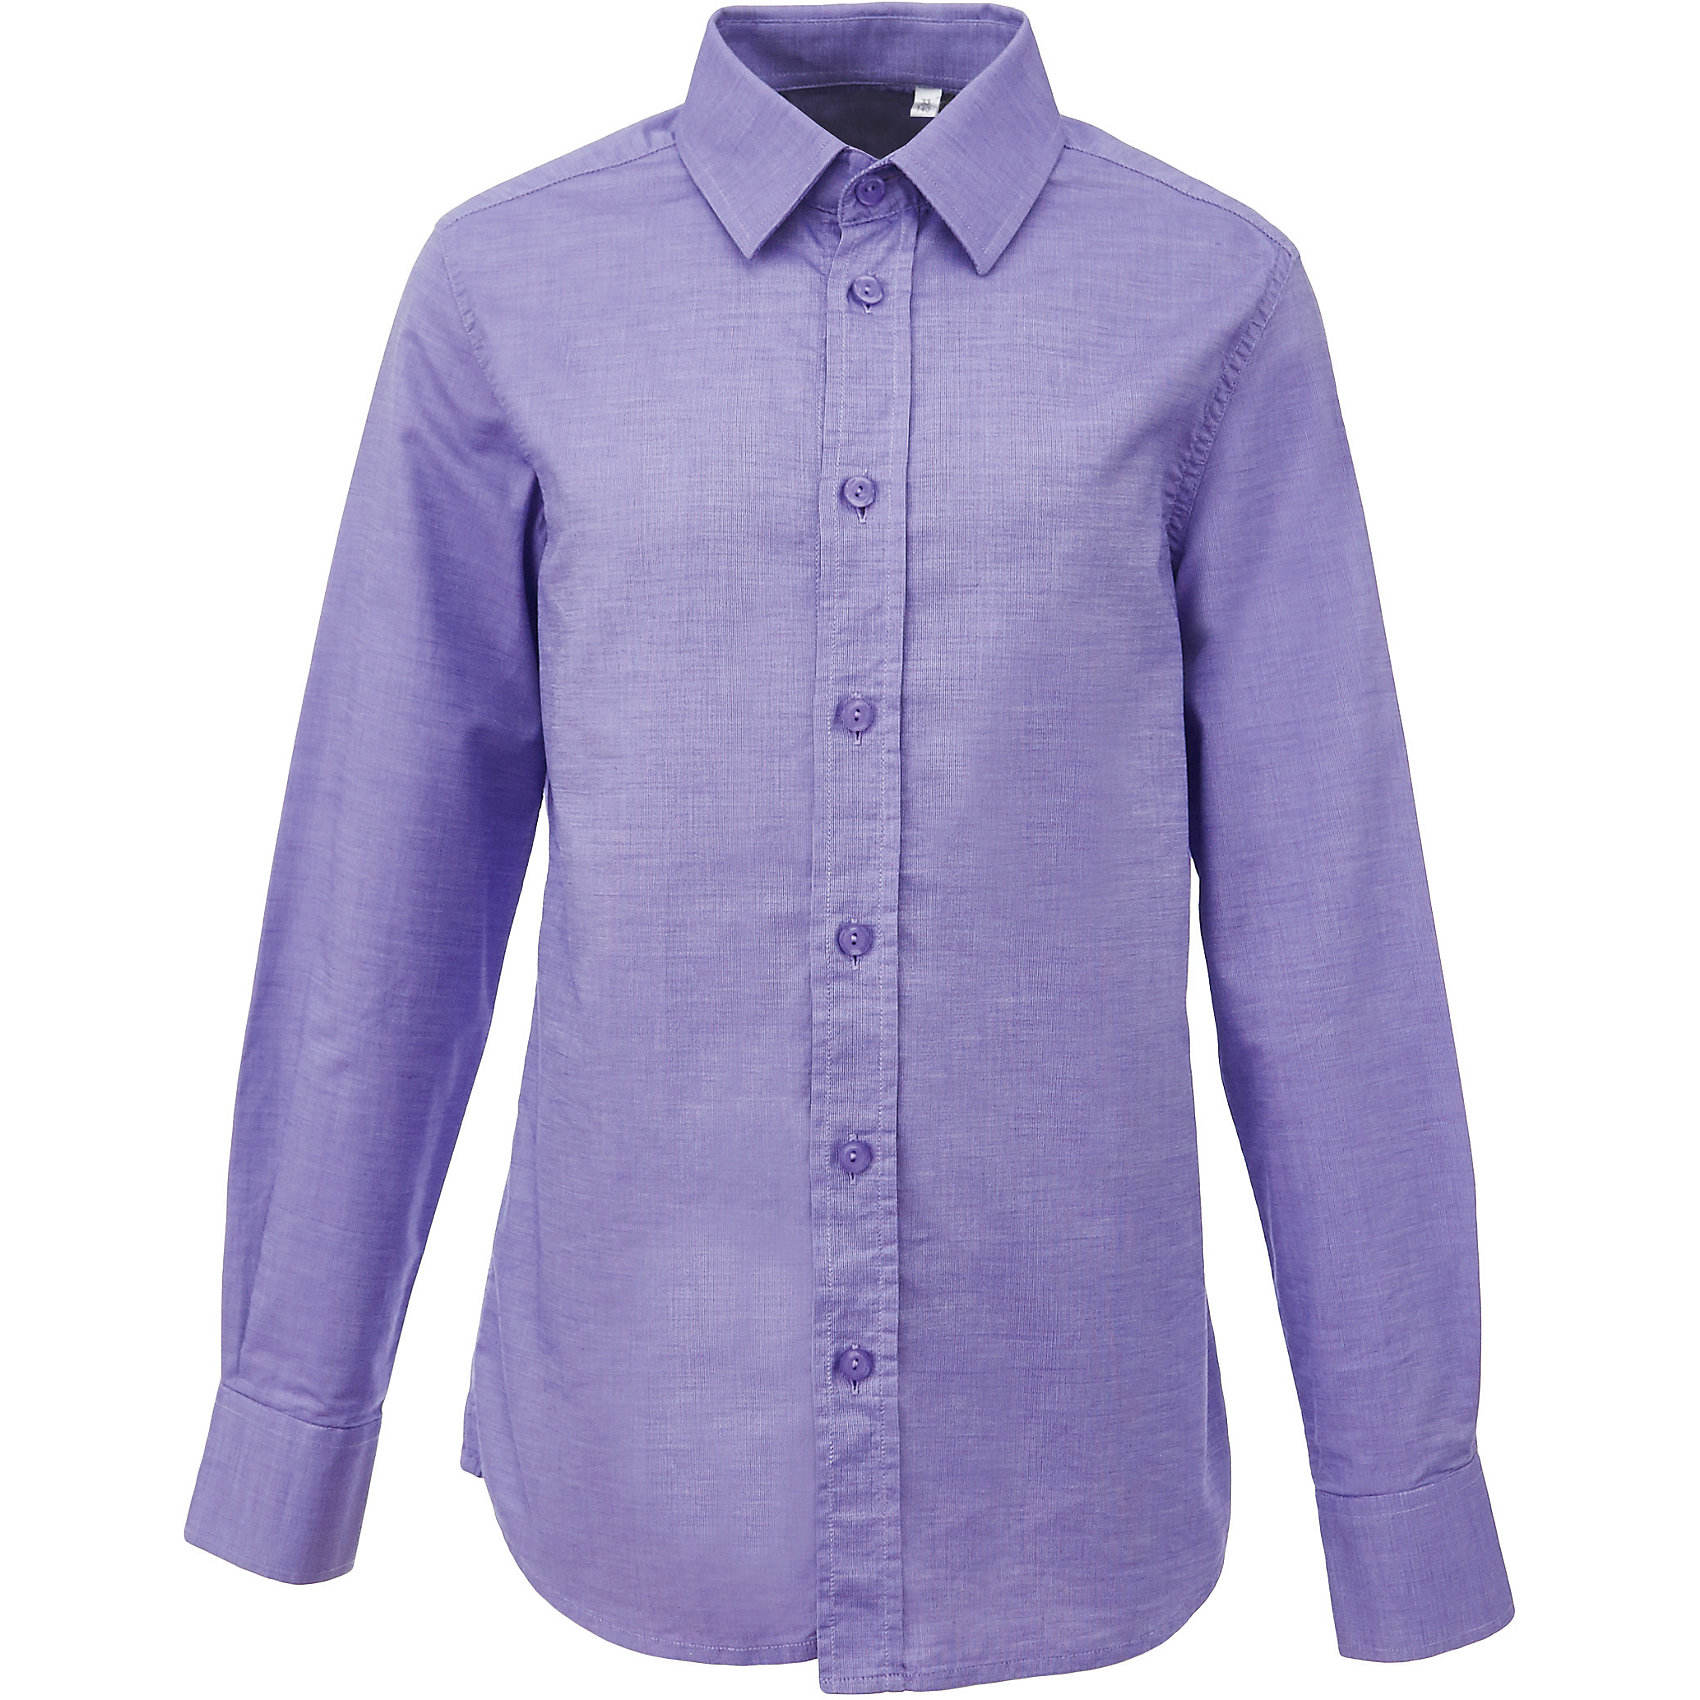 Рубашка для мальчика GulliverБлузки и рубашки<br>При всем богатстве выбора, купить рубашку для мальчика высокого качества не очень просто. Школьная рубашка должна отлично выглядеть, хорошо сидеть, быть модной, свежей, выглаженной и опрятной. Хорошая школьная рубашка - важное дополнение к костюму. Ребенок в ней - настоящий мужчина, с серьезным и ответственным подходом к делу. Сиреневая рубашка от Gulliver - отличное решение на каждый день! Актуальная форма, отличный состав и текстура материала подарят ученику комфорт и уверенность в себе.<br>Состав:<br>100% хлопок<br><br>Ширина мм: 174<br>Глубина мм: 10<br>Высота мм: 169<br>Вес г: 157<br>Цвет: розовый<br>Возраст от месяцев: 168<br>Возраст до месяцев: 180<br>Пол: Мужской<br>Возраст: Детский<br>Размер: 170,146,152,122,128,134,140,158,164<br>SKU: 6678286